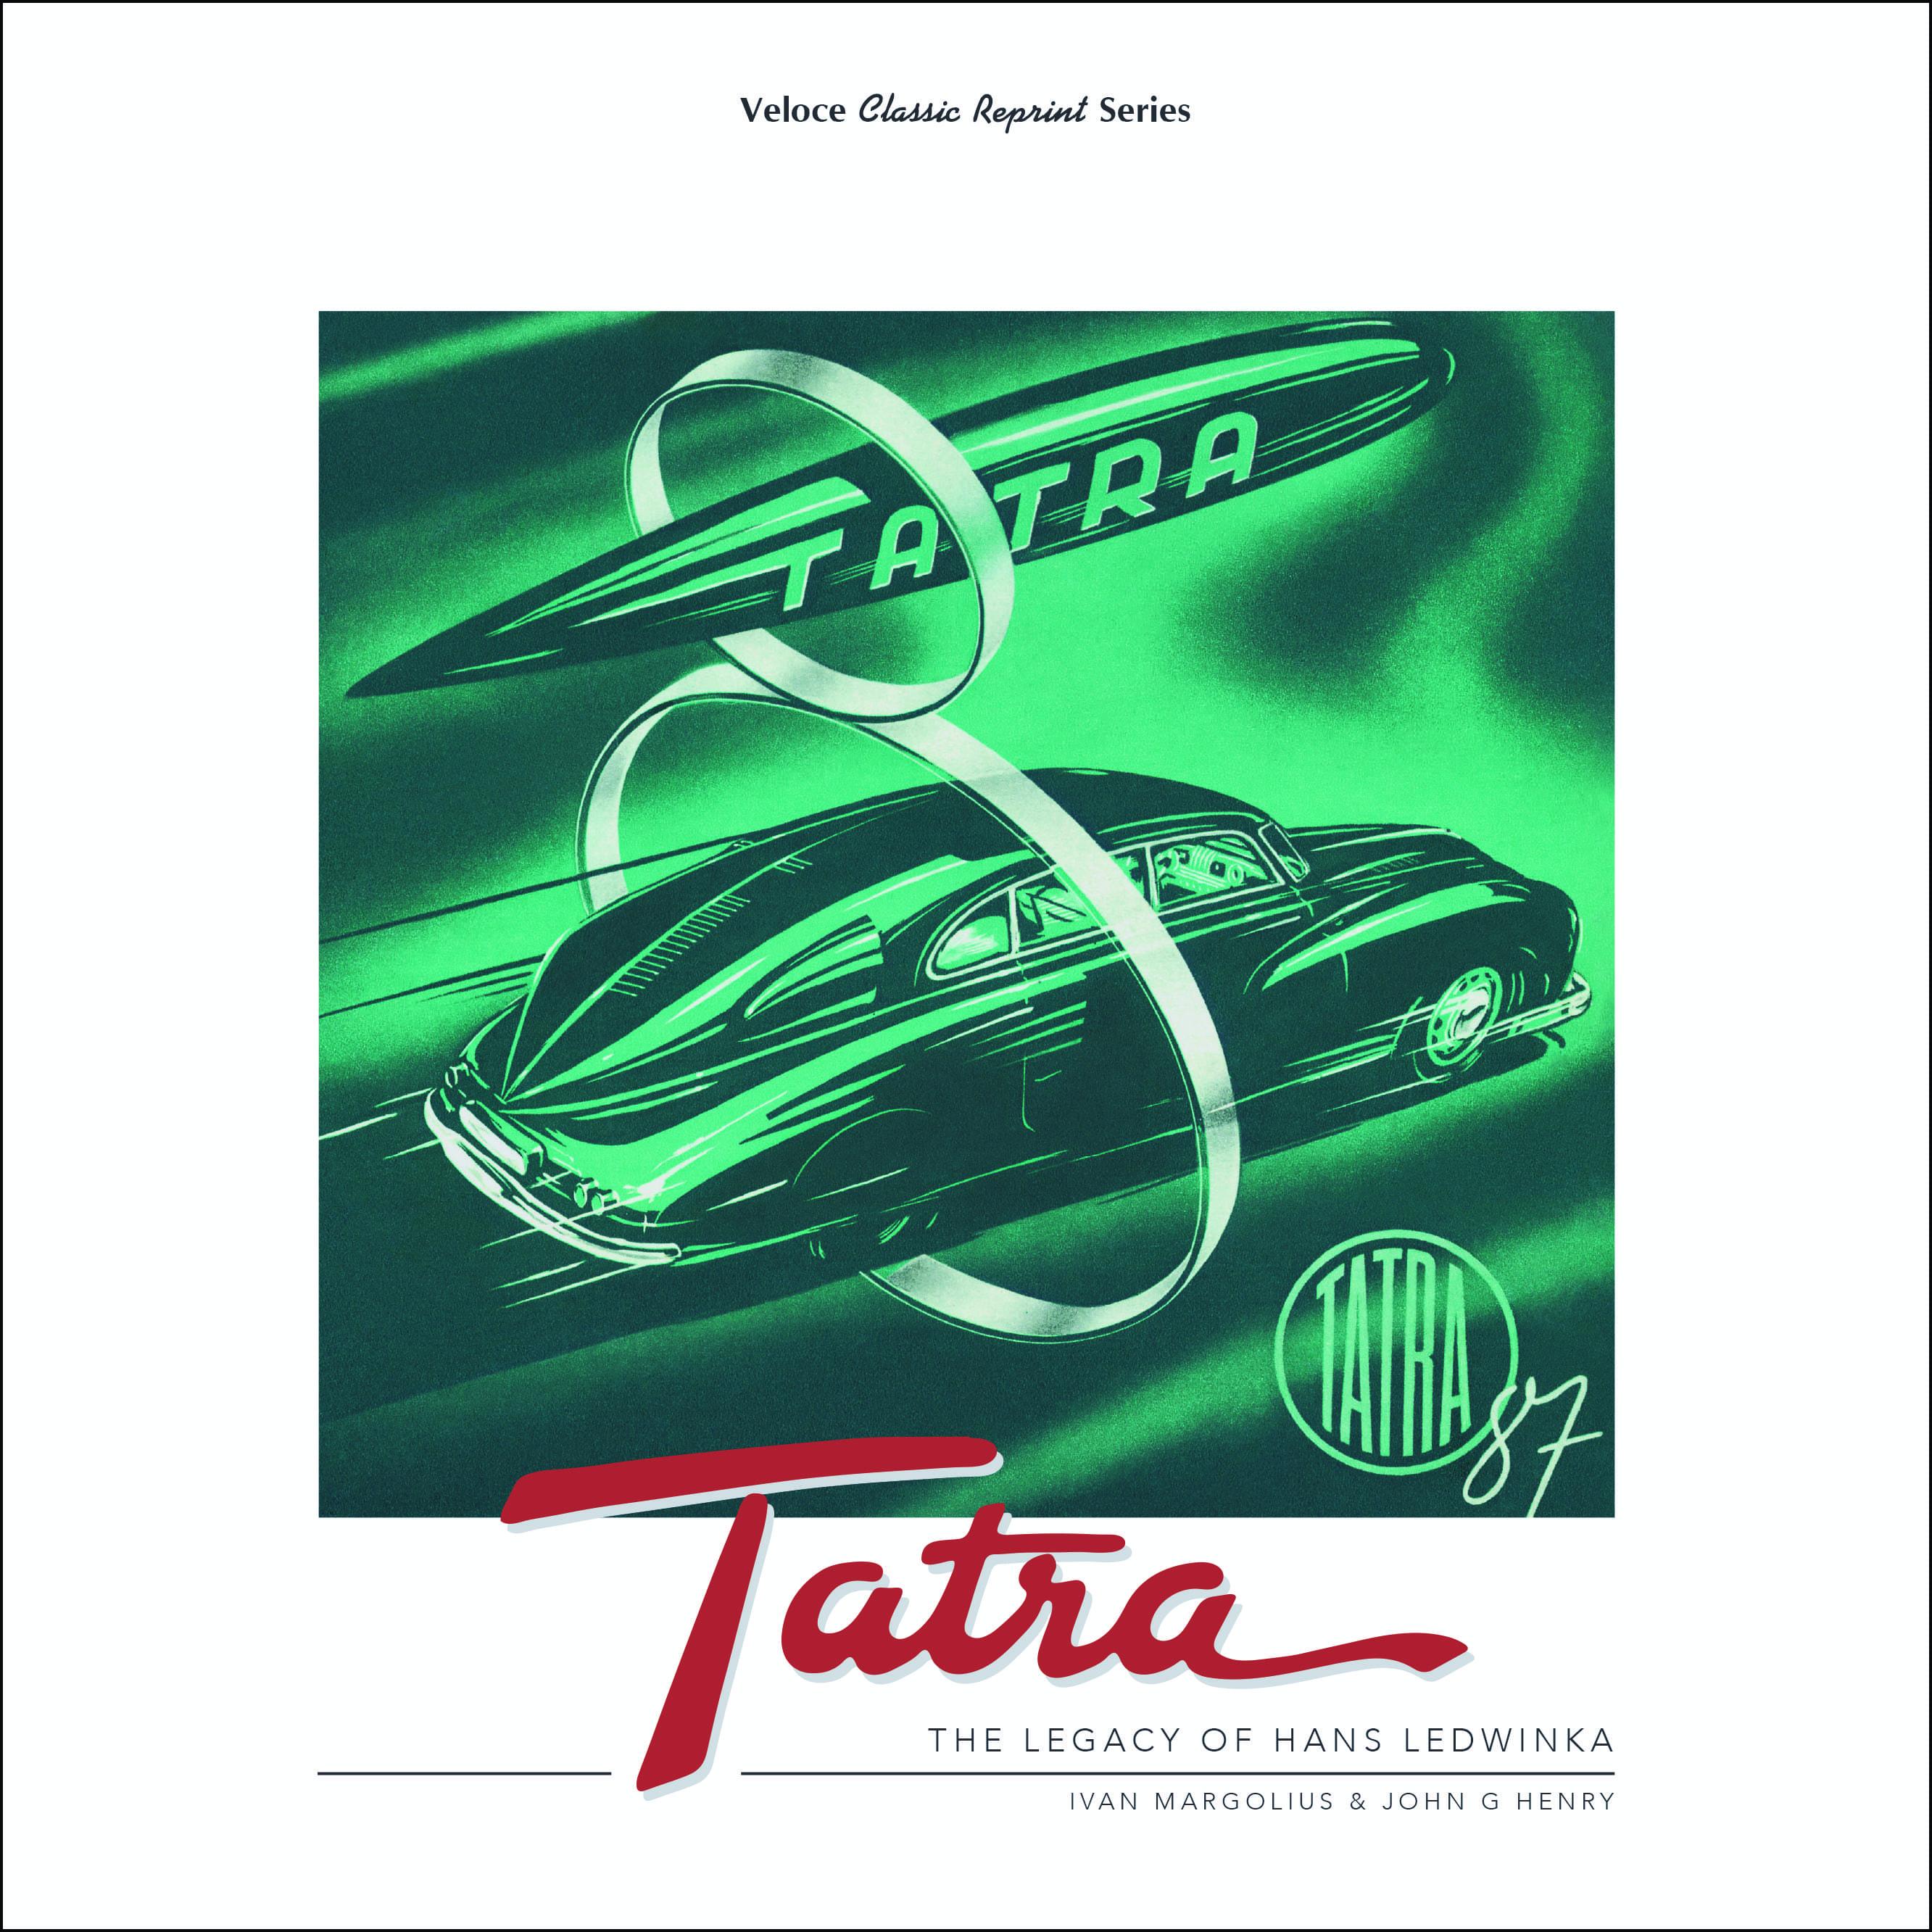 Tatra - The Legacy of Hans Ledwinka